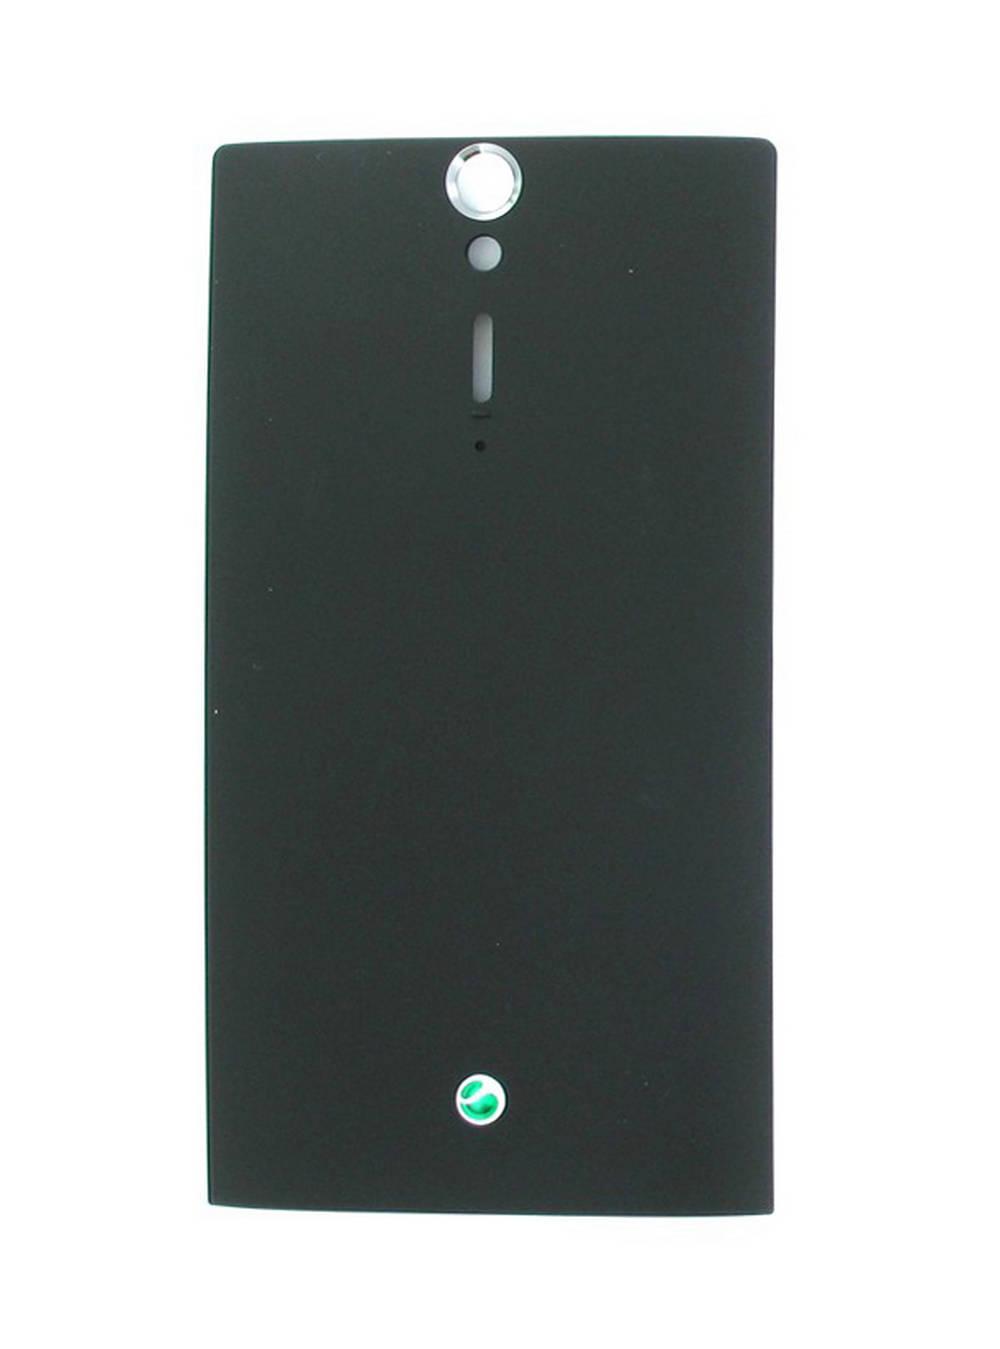 Καπάκι Μπαταρίας Sony LT26i Xperia S Μαύρο Original